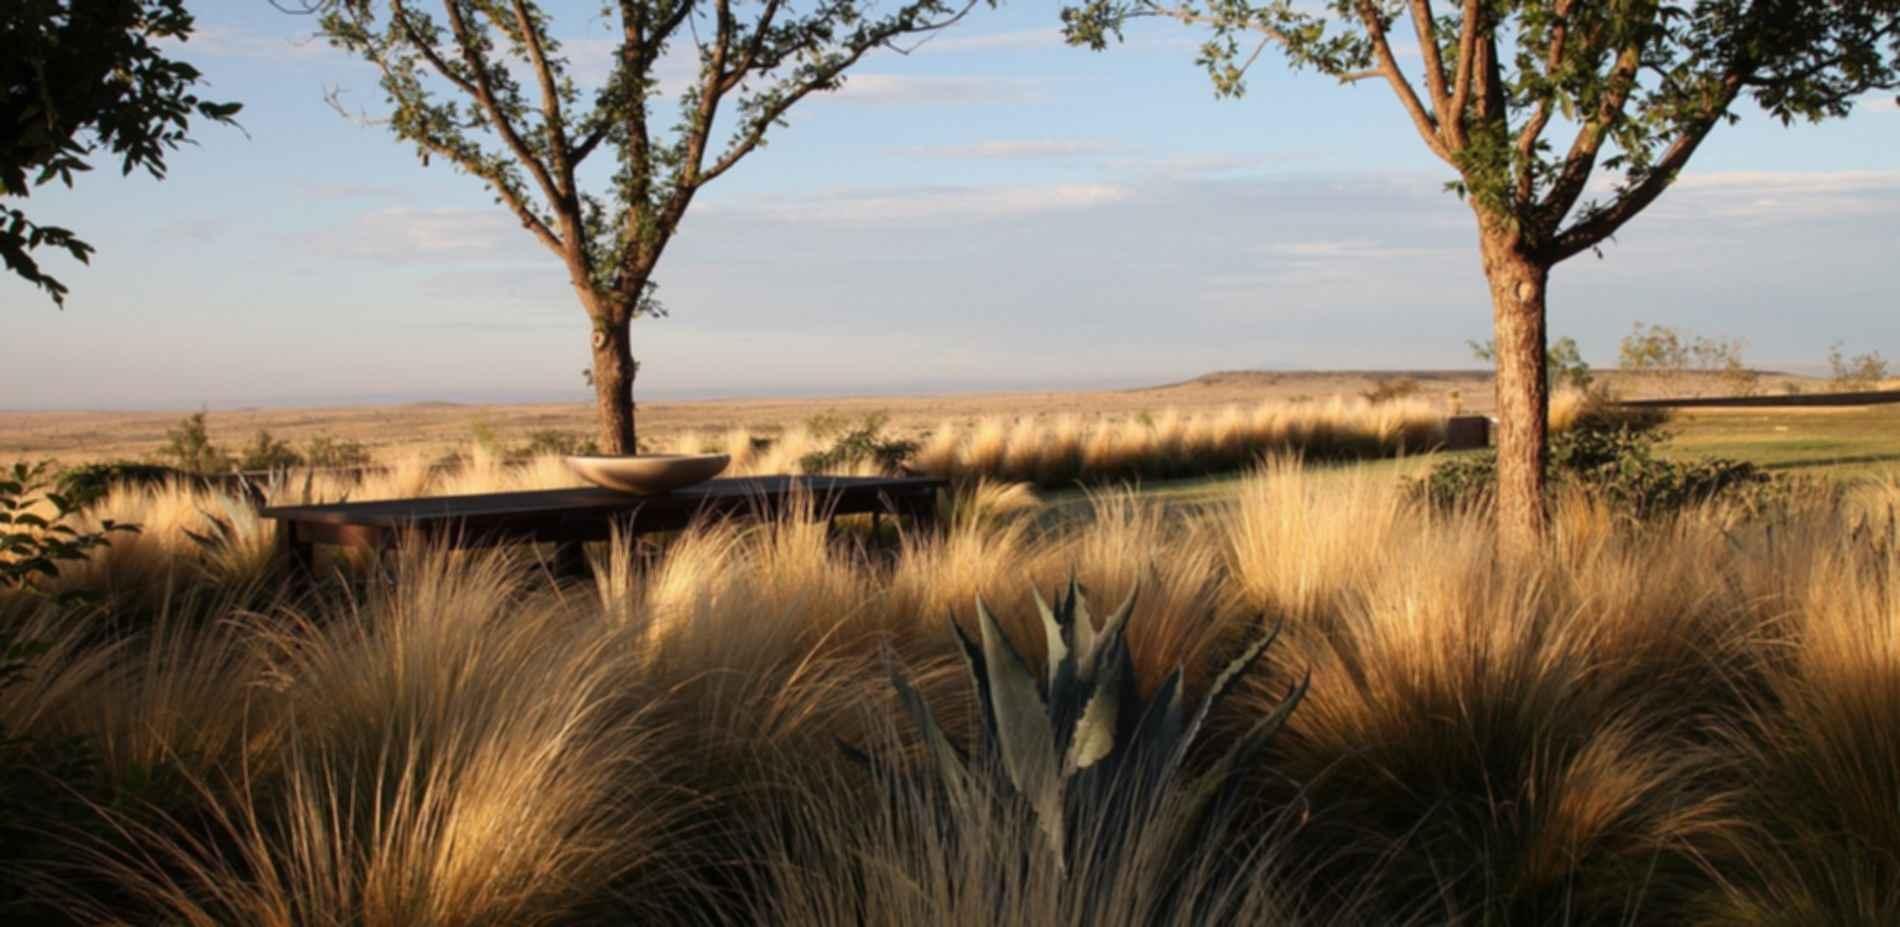 West Texas Ranch - Plants/Landscape